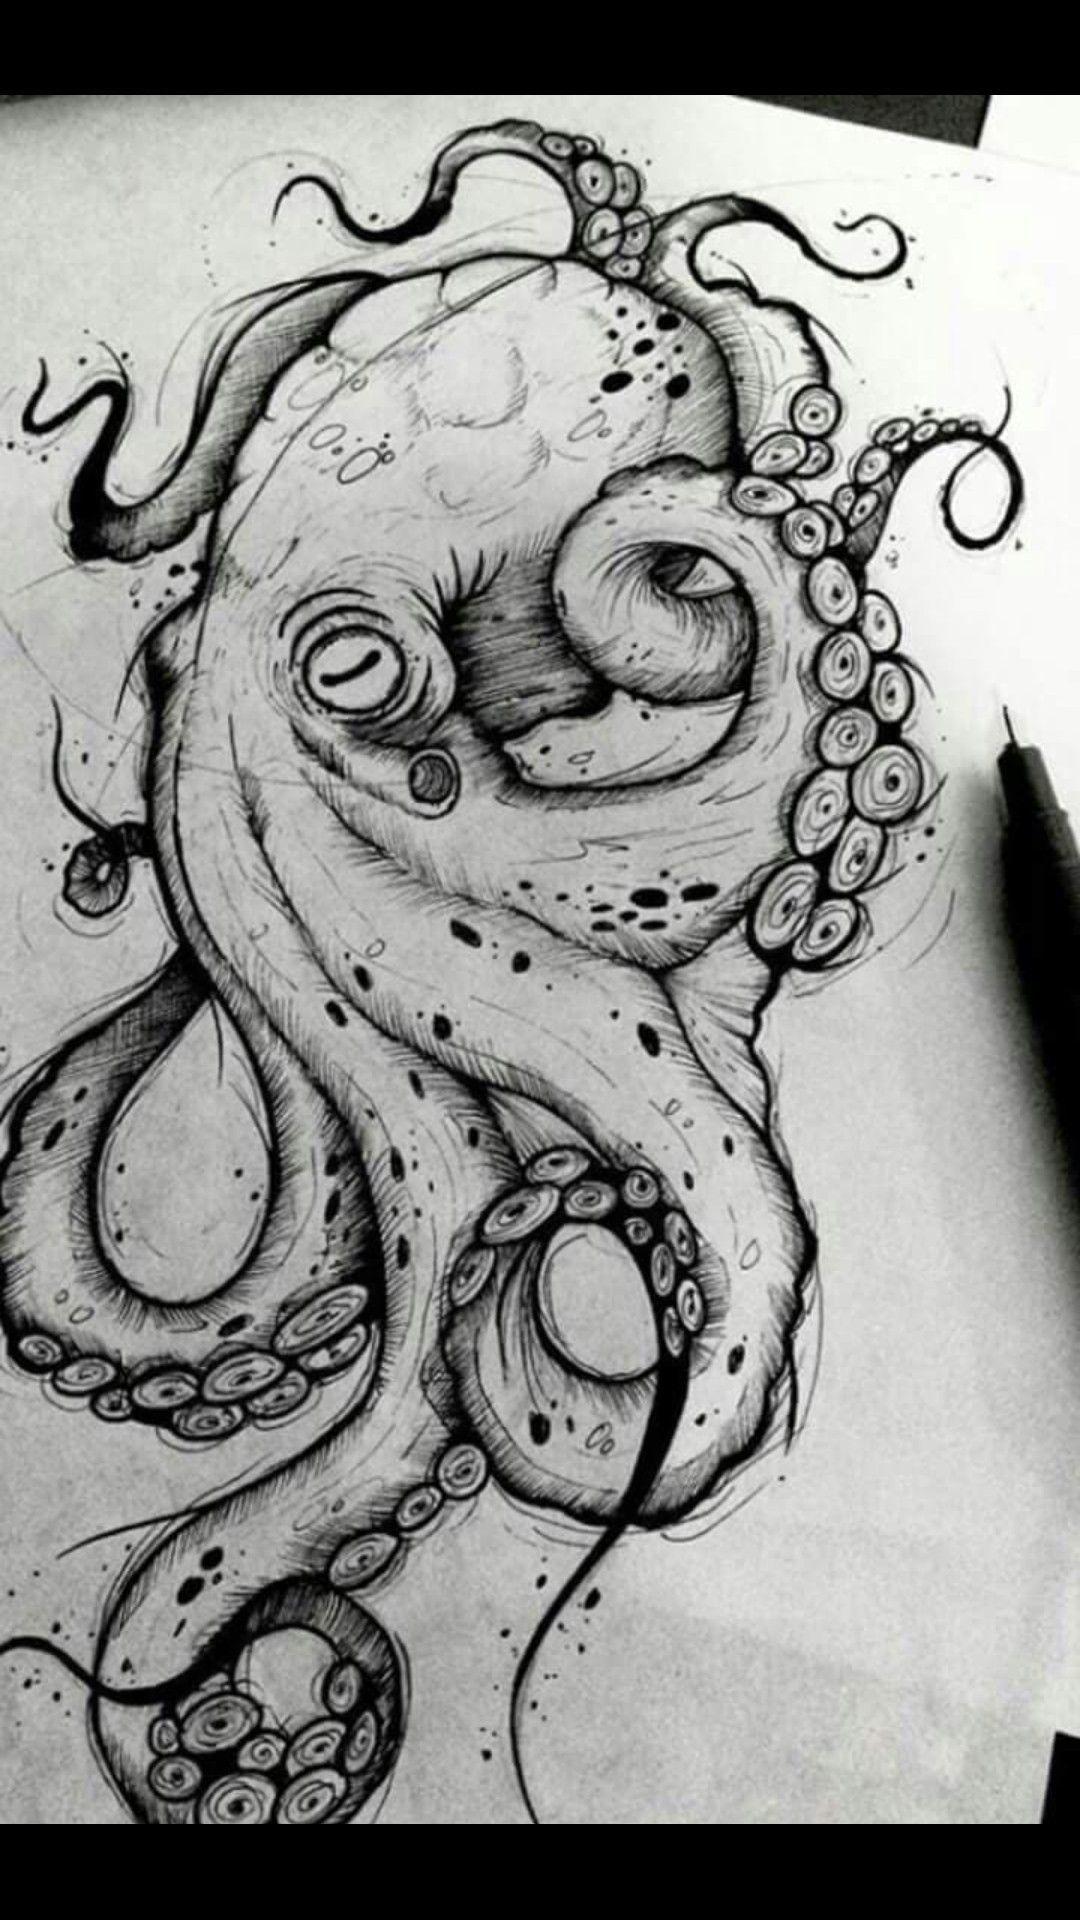 Photo of Octopus Zeichnung Octopus Tattoo Octopus Schwarz-Weiß Zeichnung Meeresboden, #weiß #Dese …